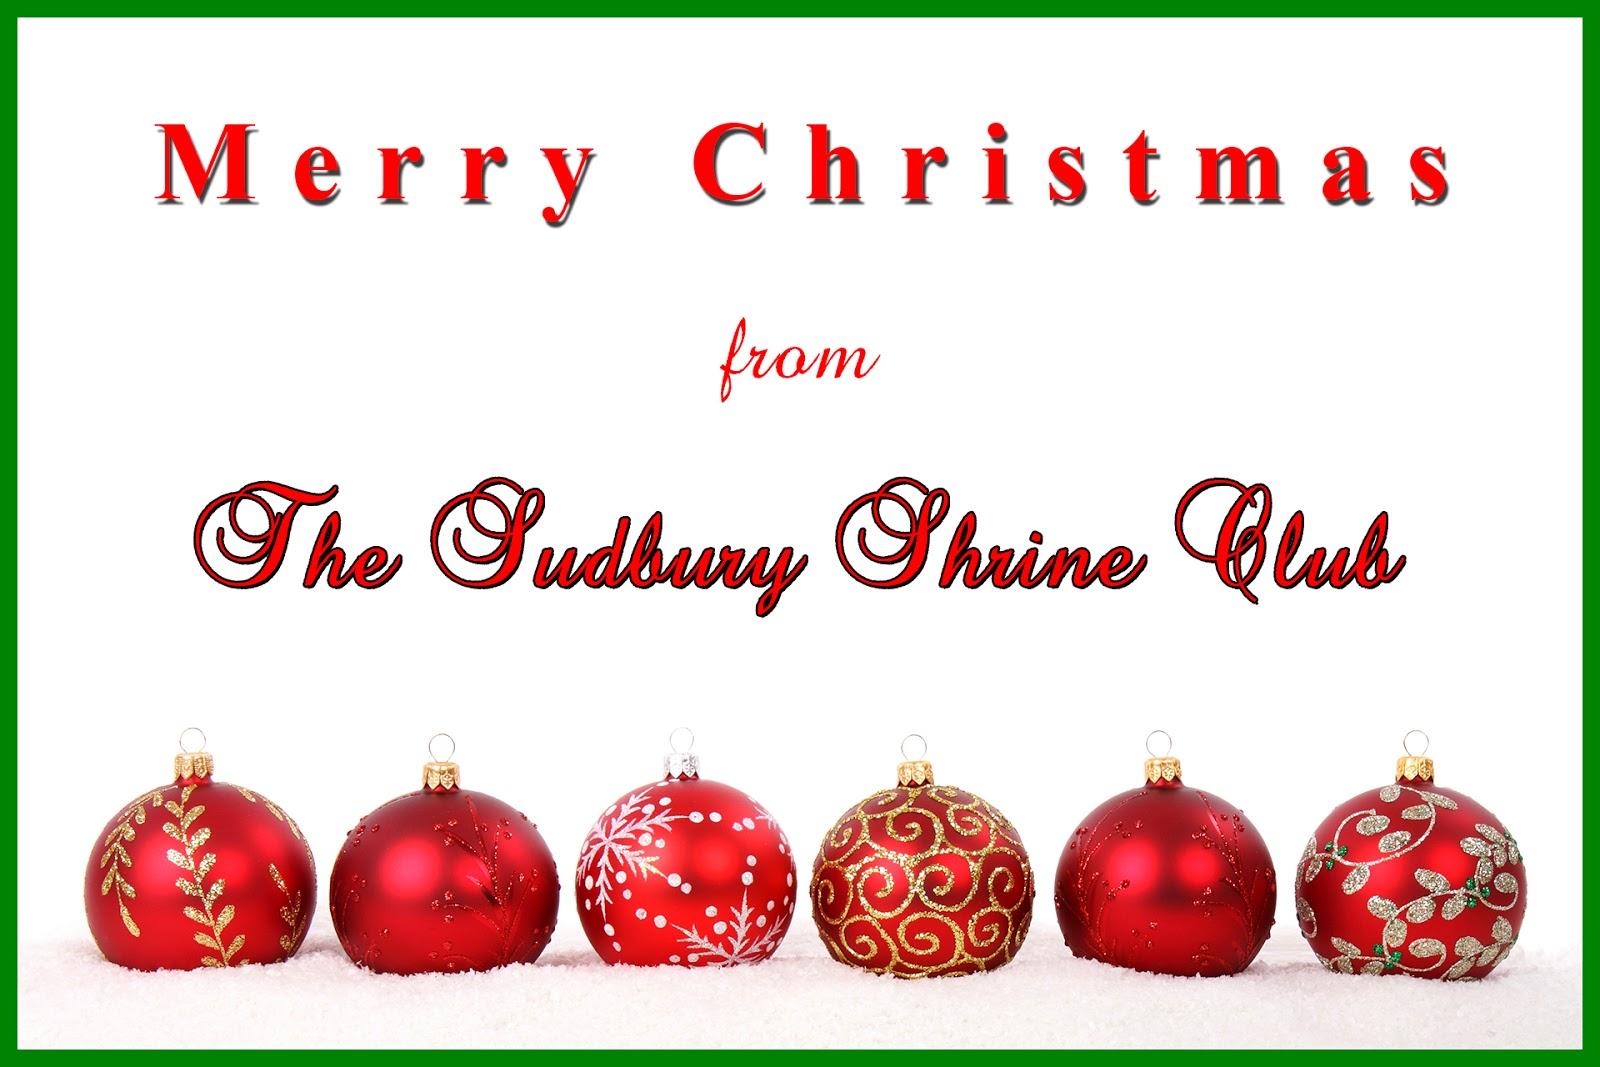 Sudbury Shrine Club A Christmas Message